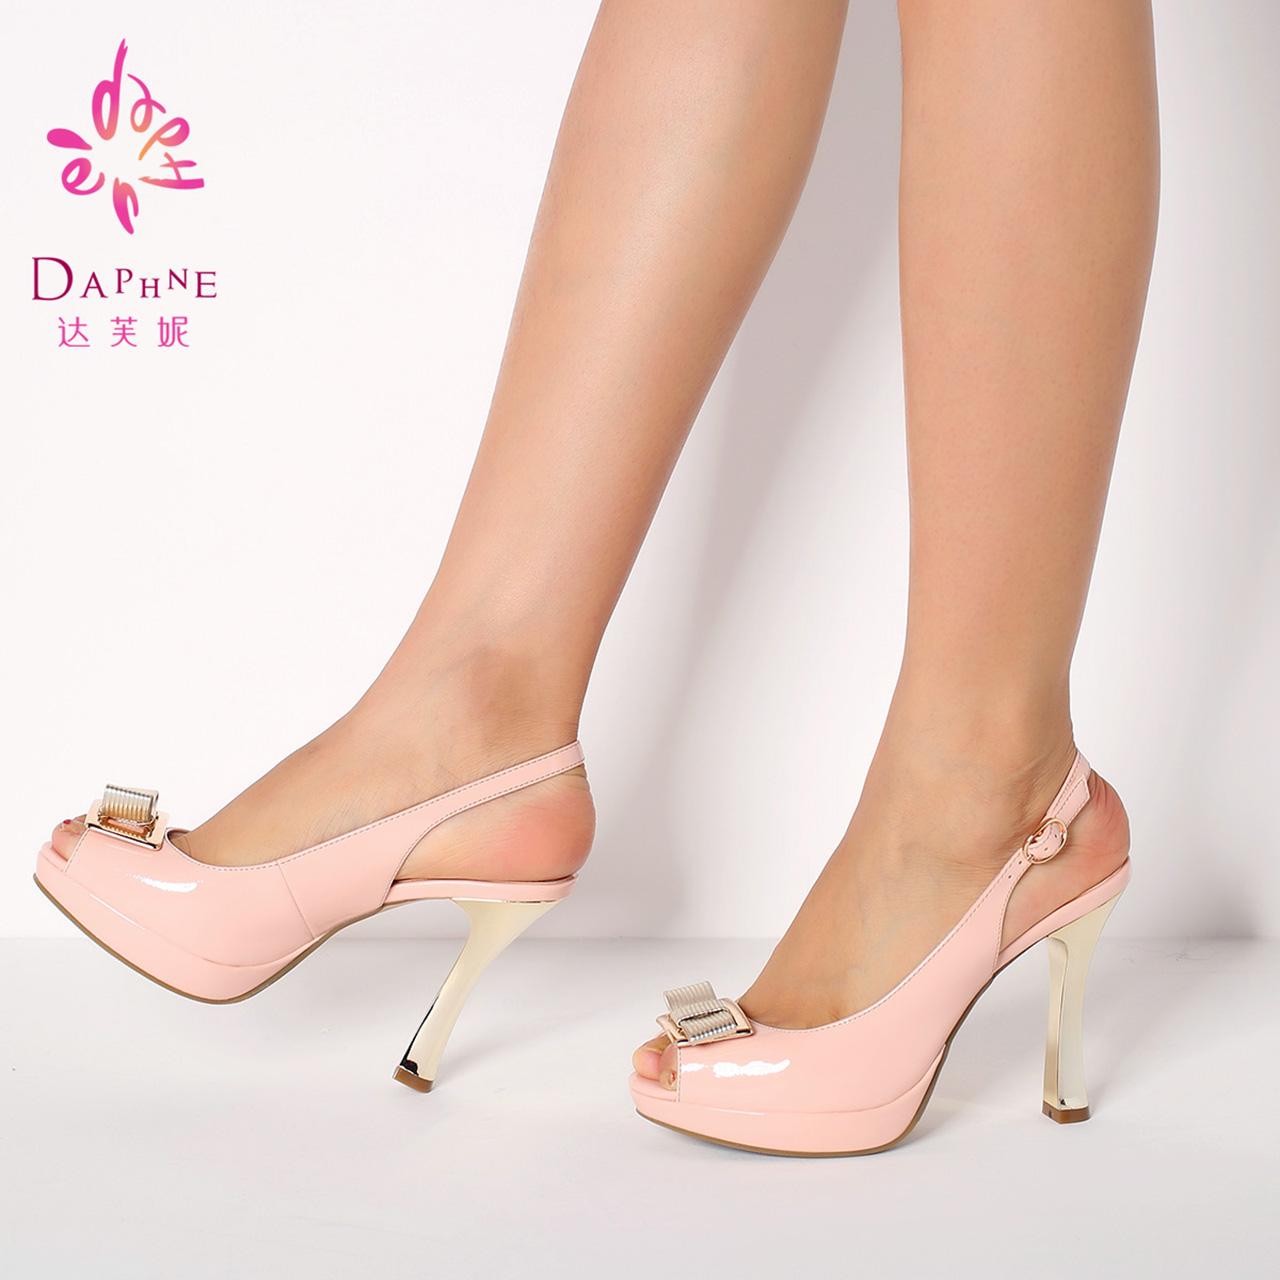 达芙妮高跟凉鞋 Daphne达芙妮夏季新款高跟鱼嘴凉鞋通勤OL白色优雅女细高跟鞋女_推荐淘宝好看的女达芙妮高跟凉鞋